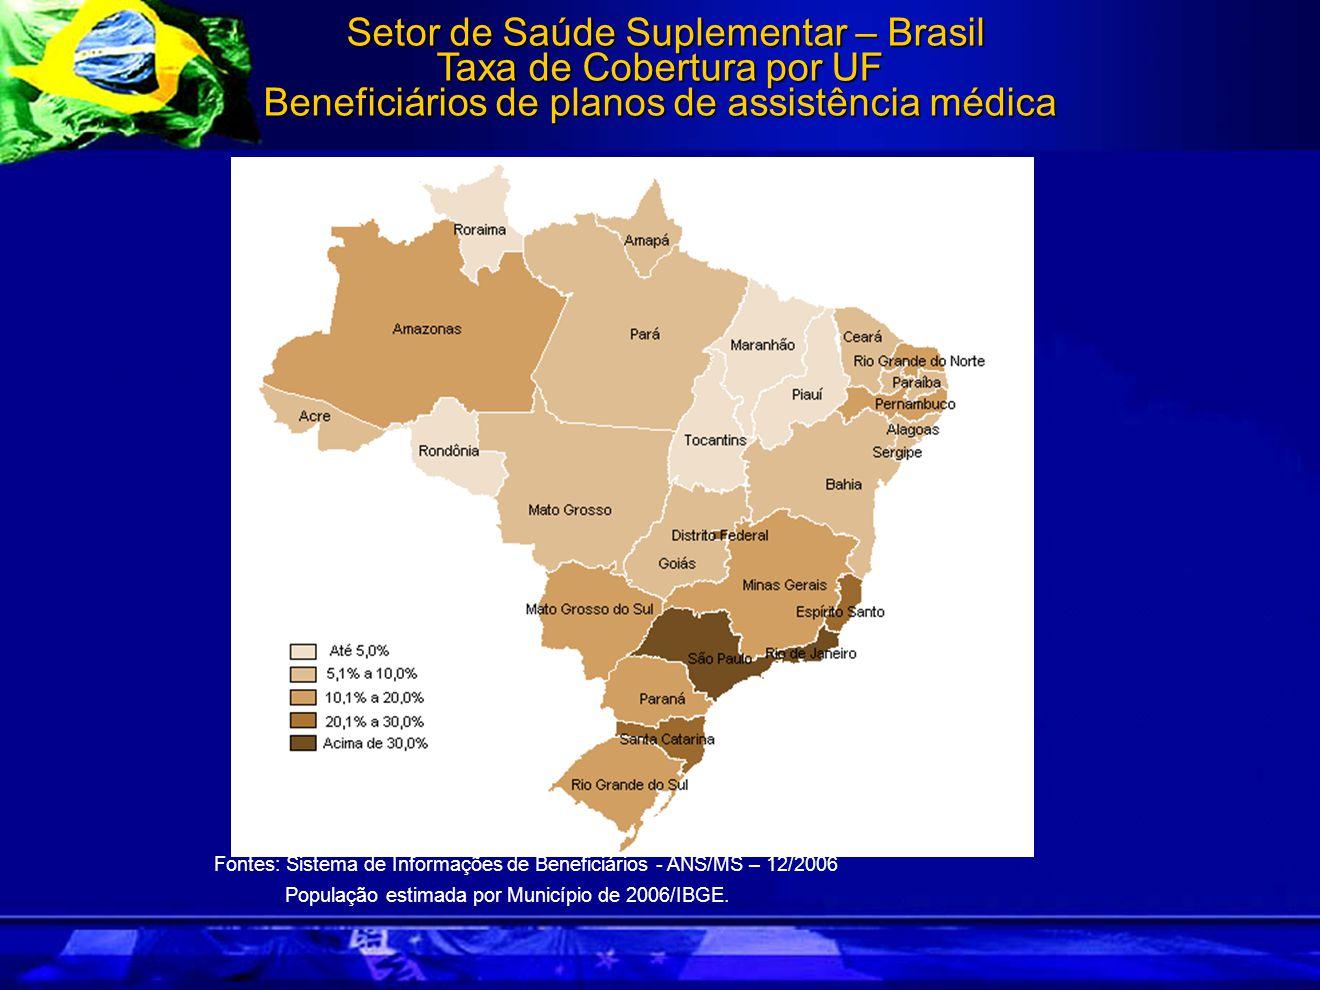 Setor de Saúde Suplementar – Brasil Taxa de Cobertura por UF Beneficiários de planos de assistência médica Setor de Saúde Suplementar – Brasil Taxa de